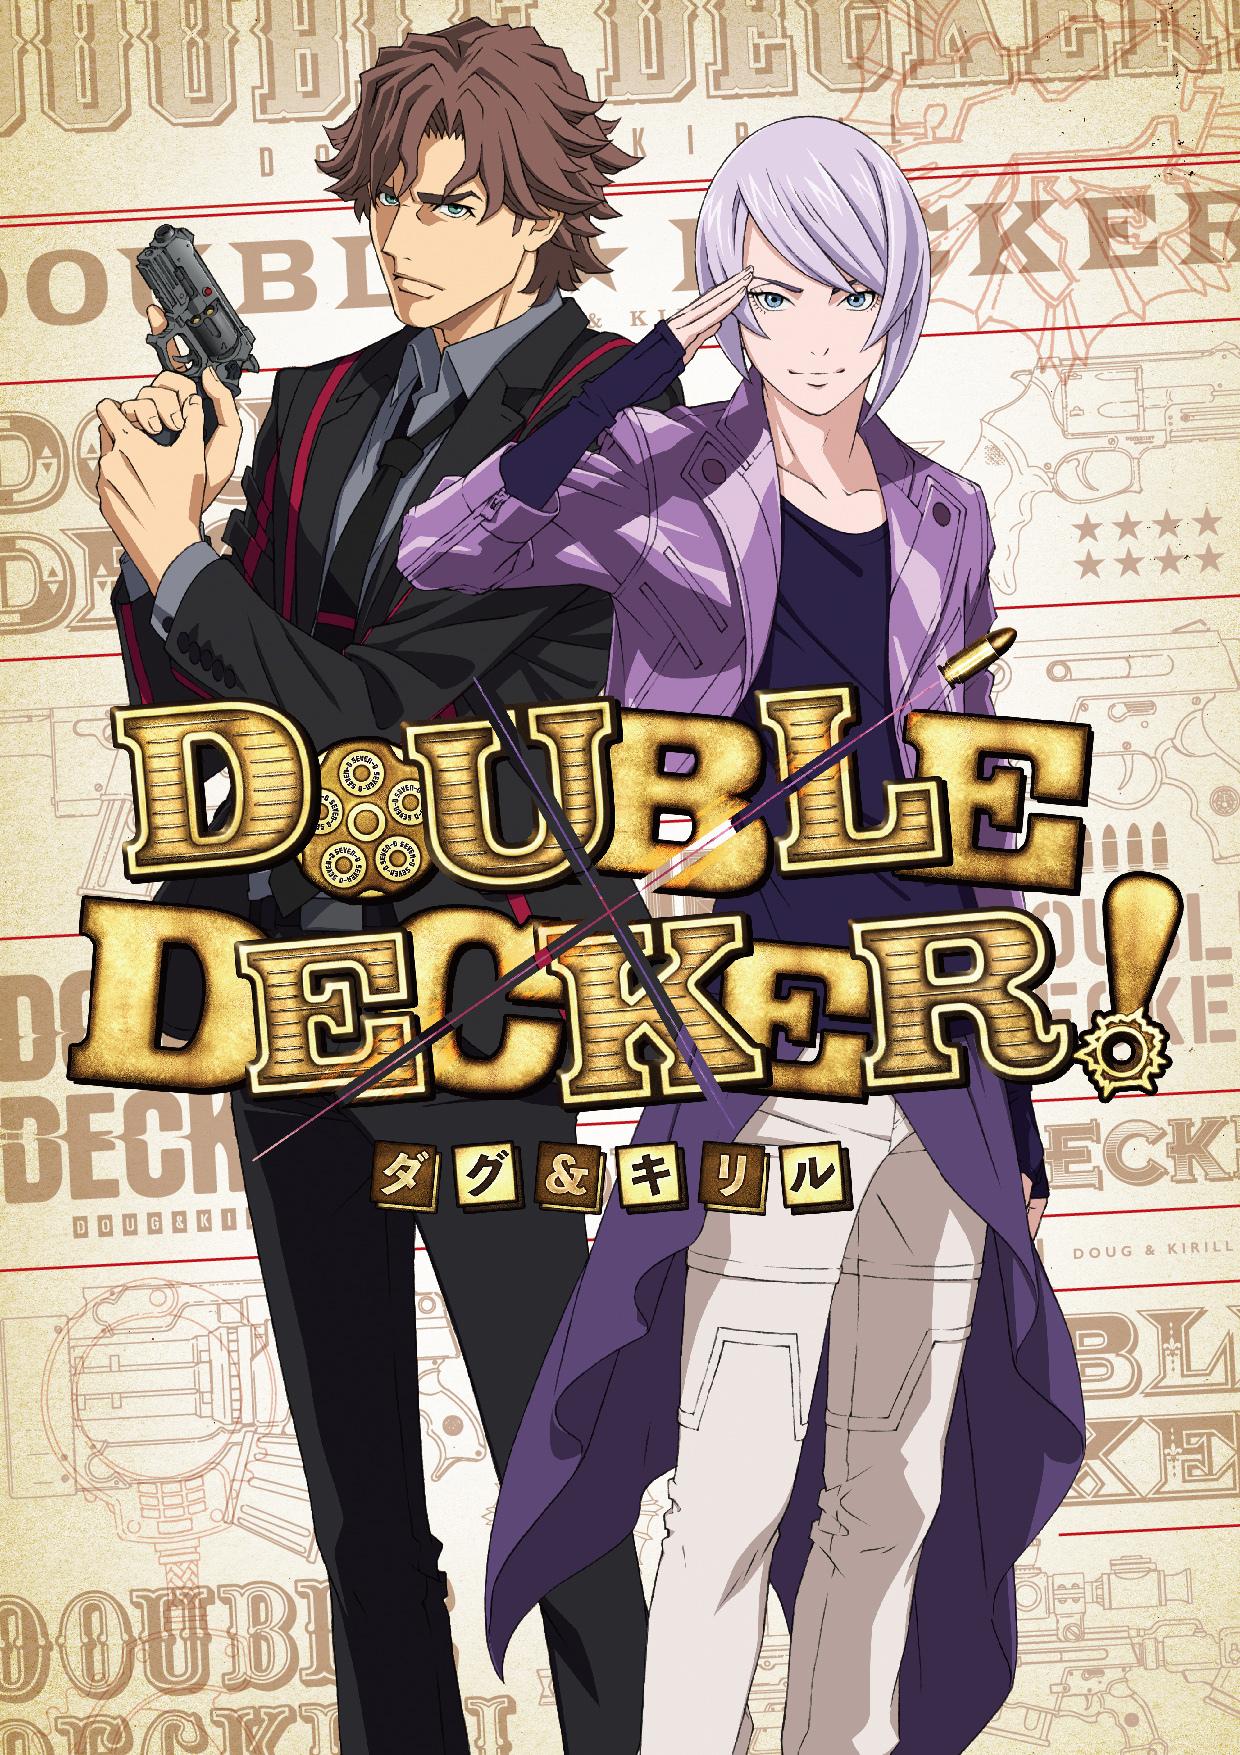 アニメ『DOUBLE DECKER! ダグ&キリル』キービジュアル